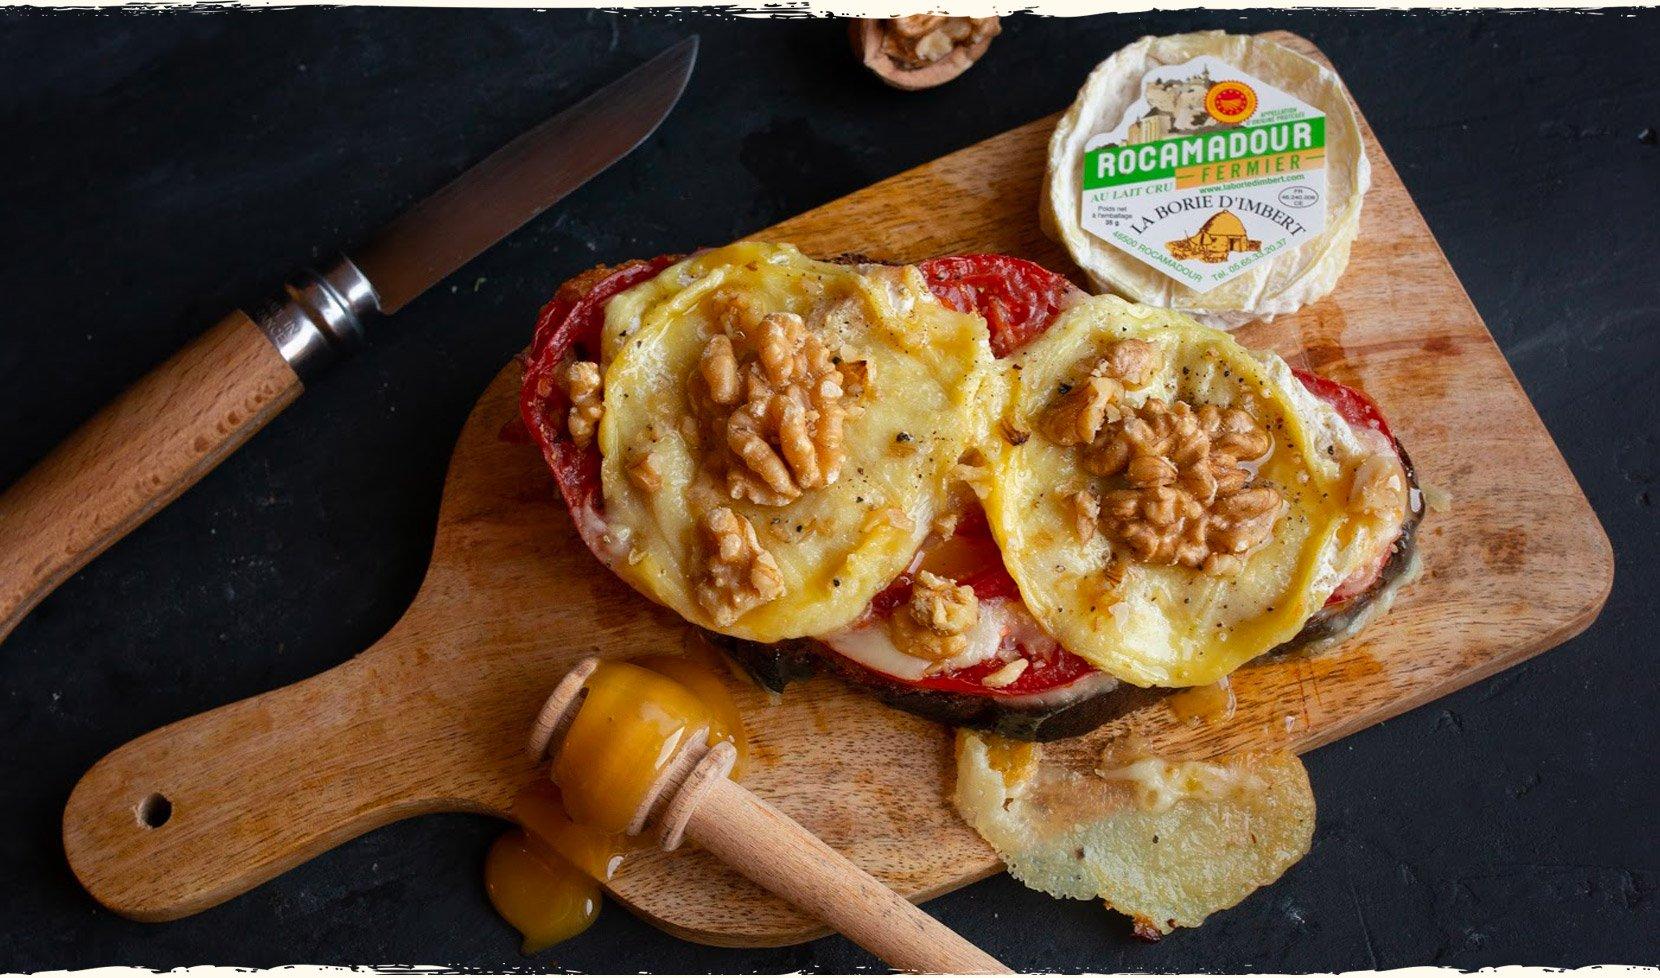 tartine-rocamadour-tomate-miel-cerneaux-noix-2